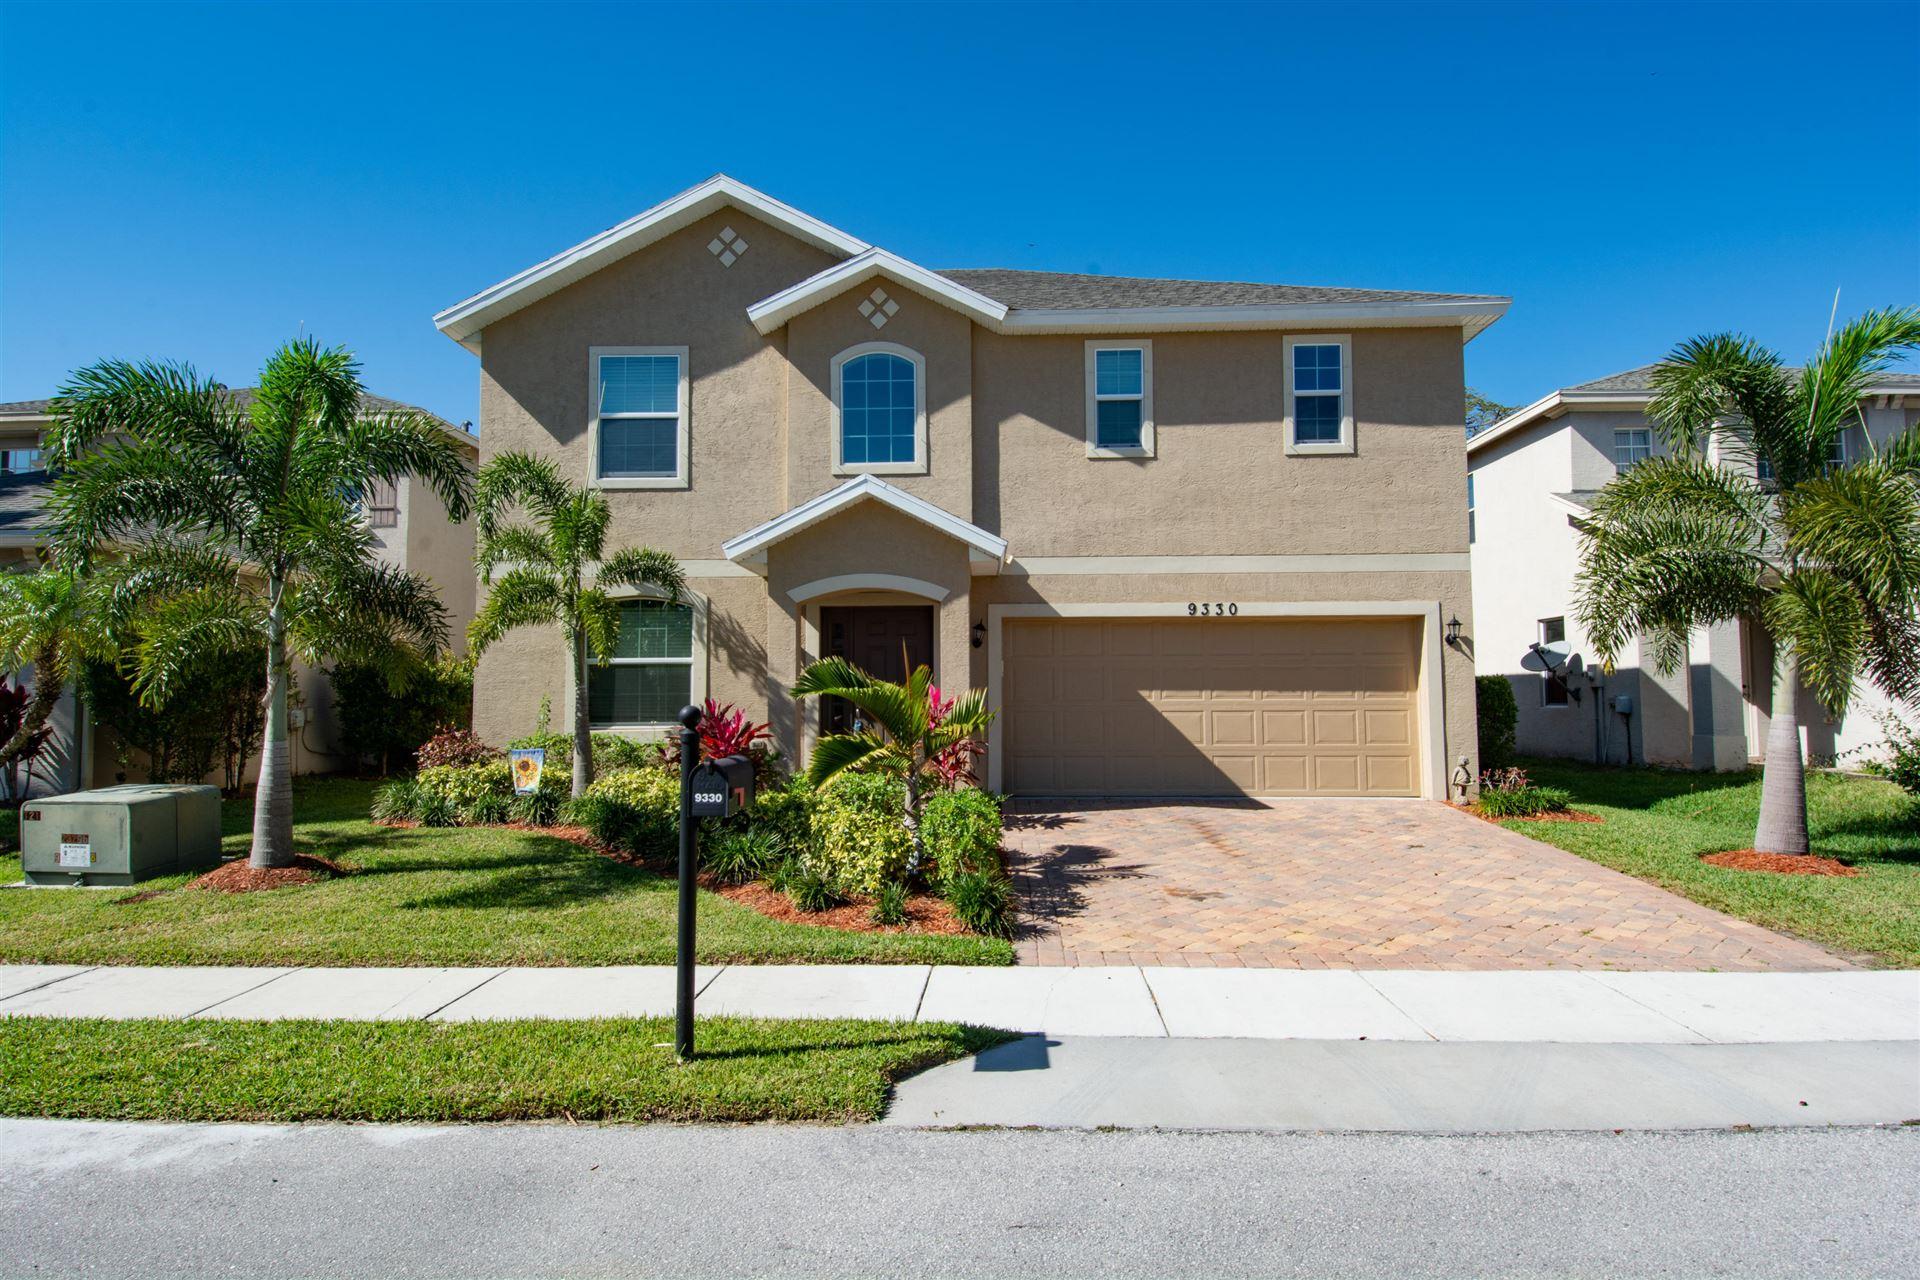 Photo of 9330 Treasure Coast Street, Fort Pierce, FL 34945 (MLS # RX-10605733)